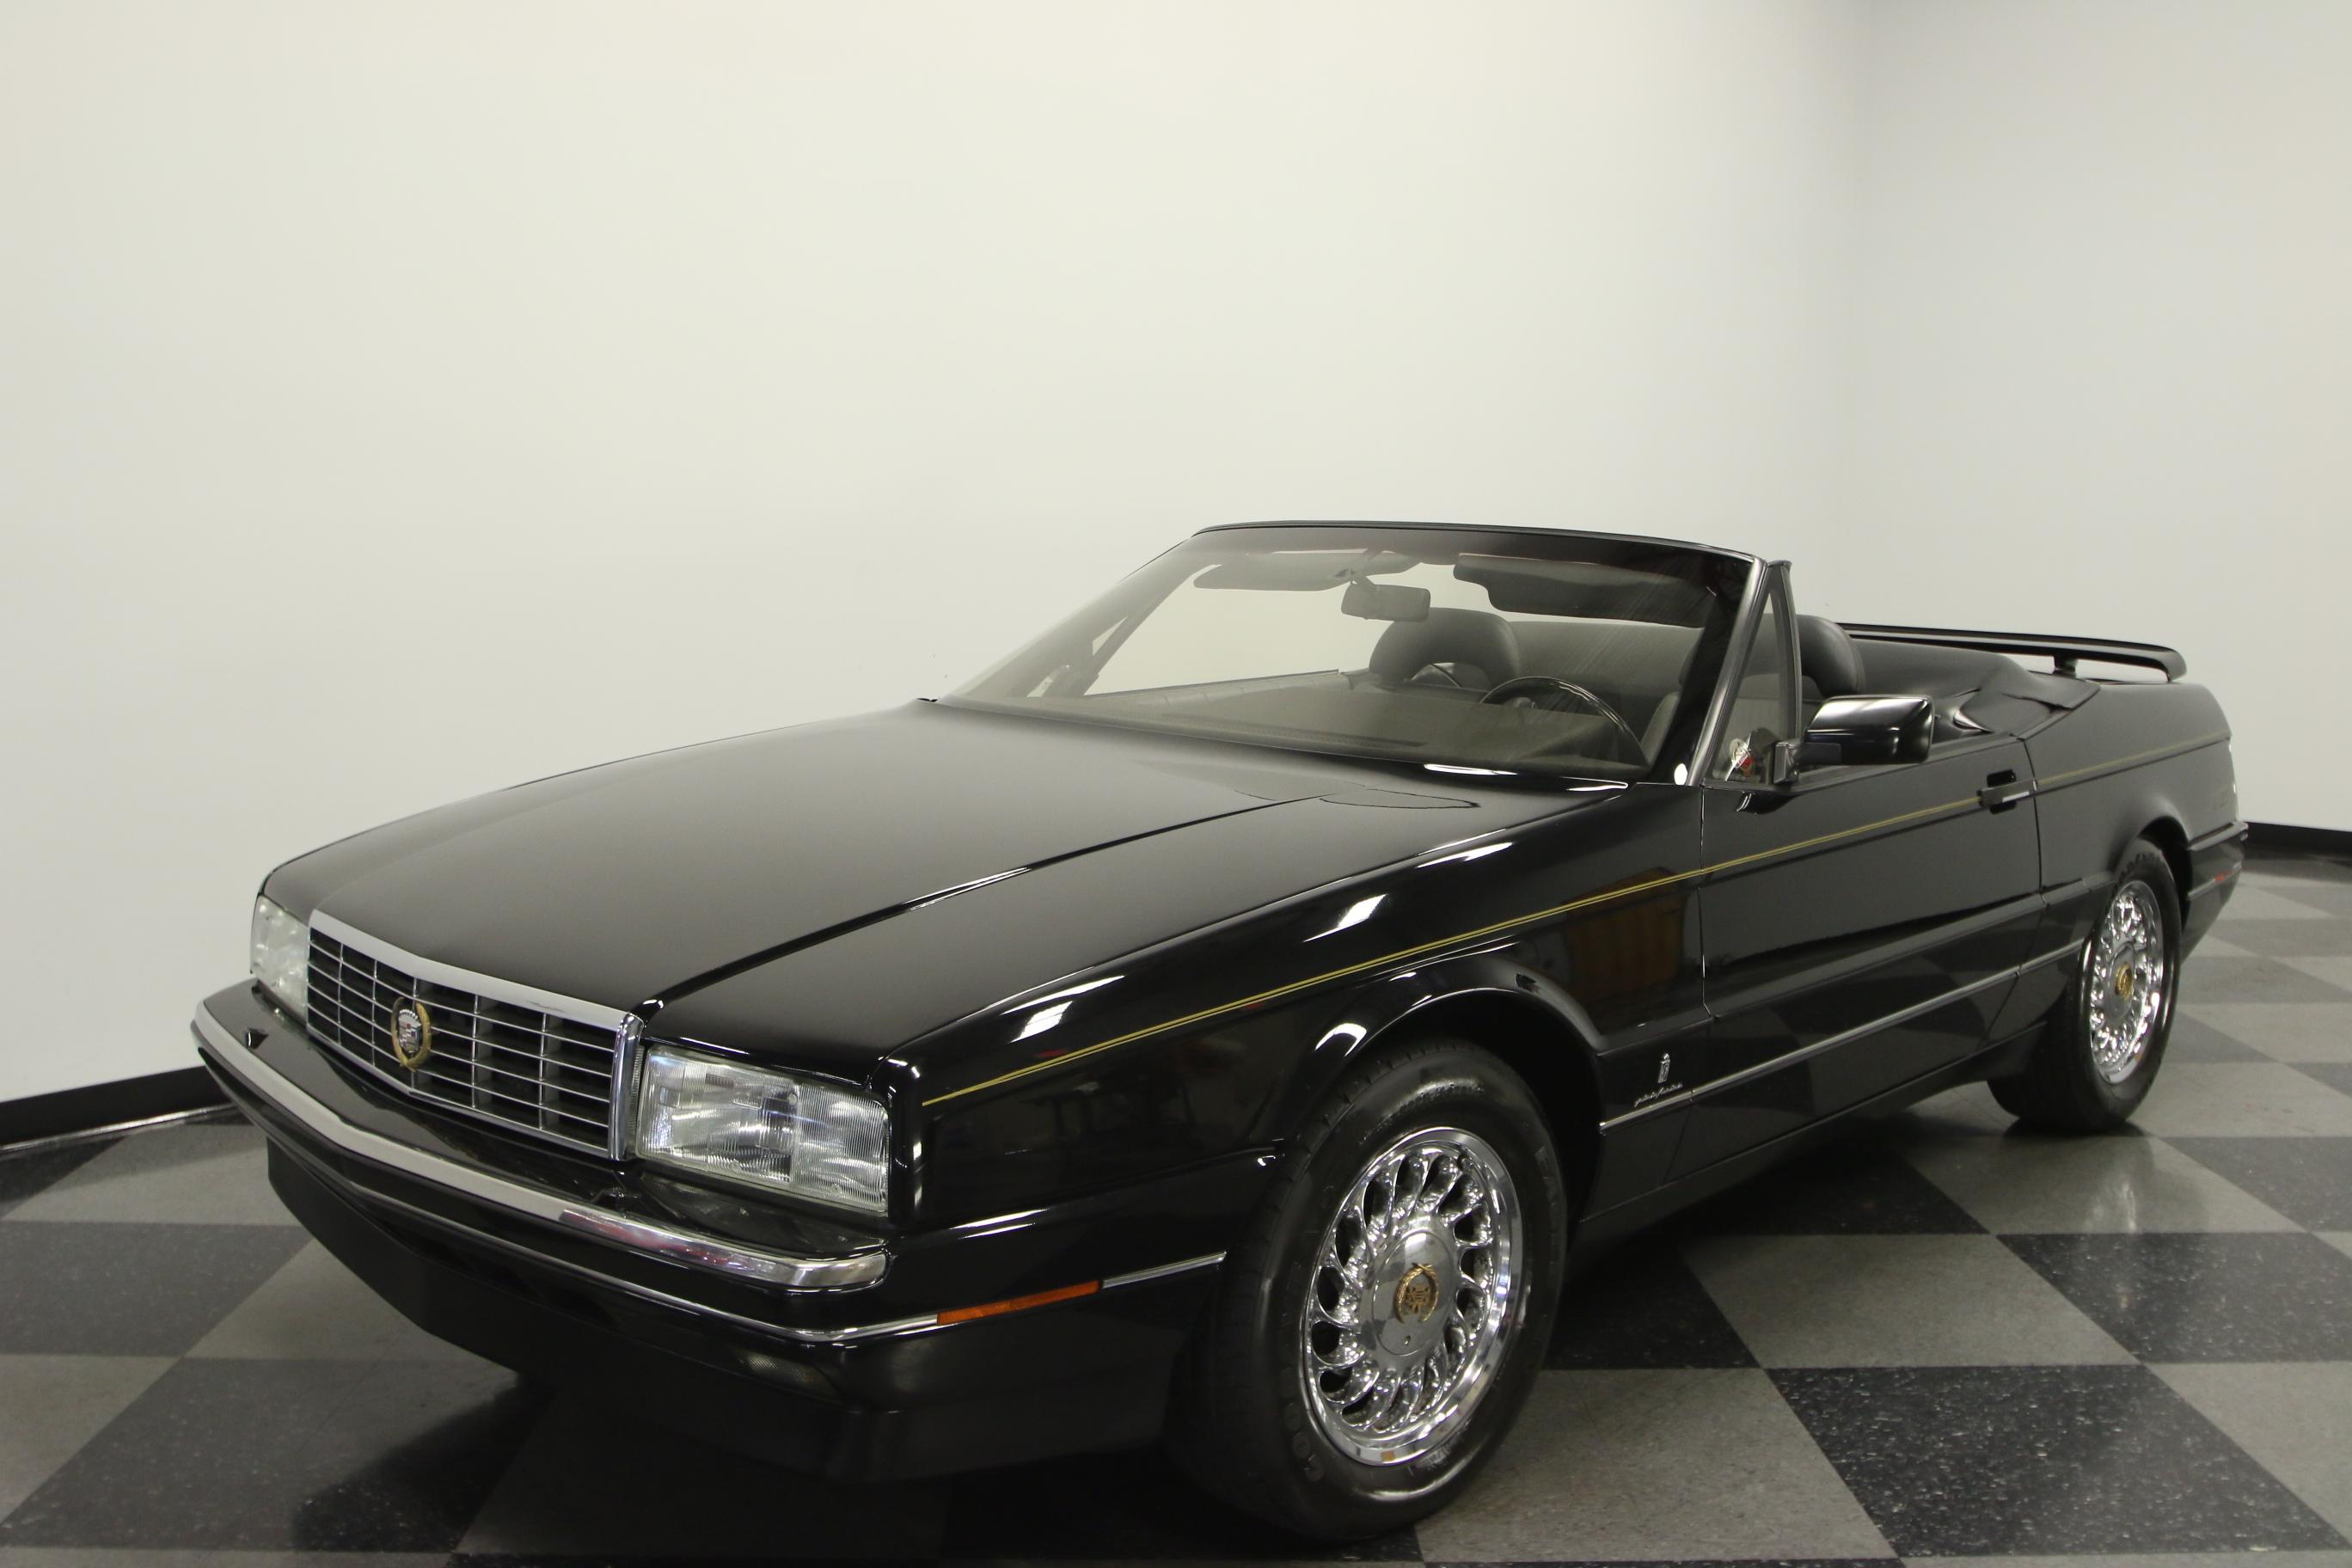 1992 Cadillac Allante | eBay